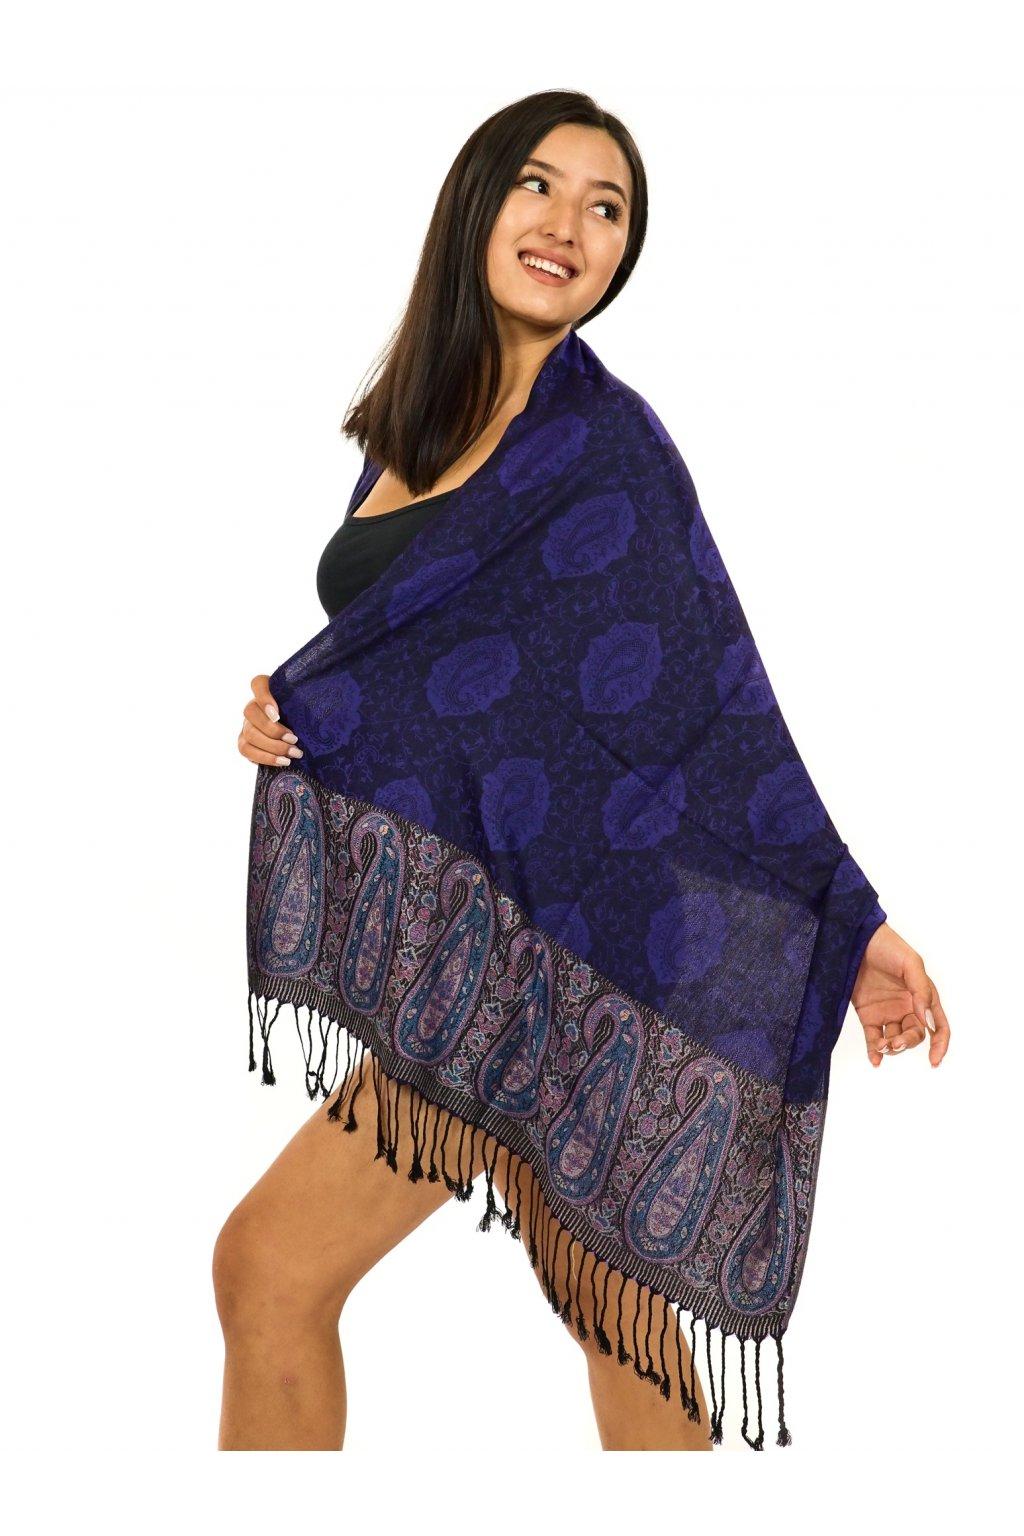 Šátek pašmína Nepal - černá s fialovou